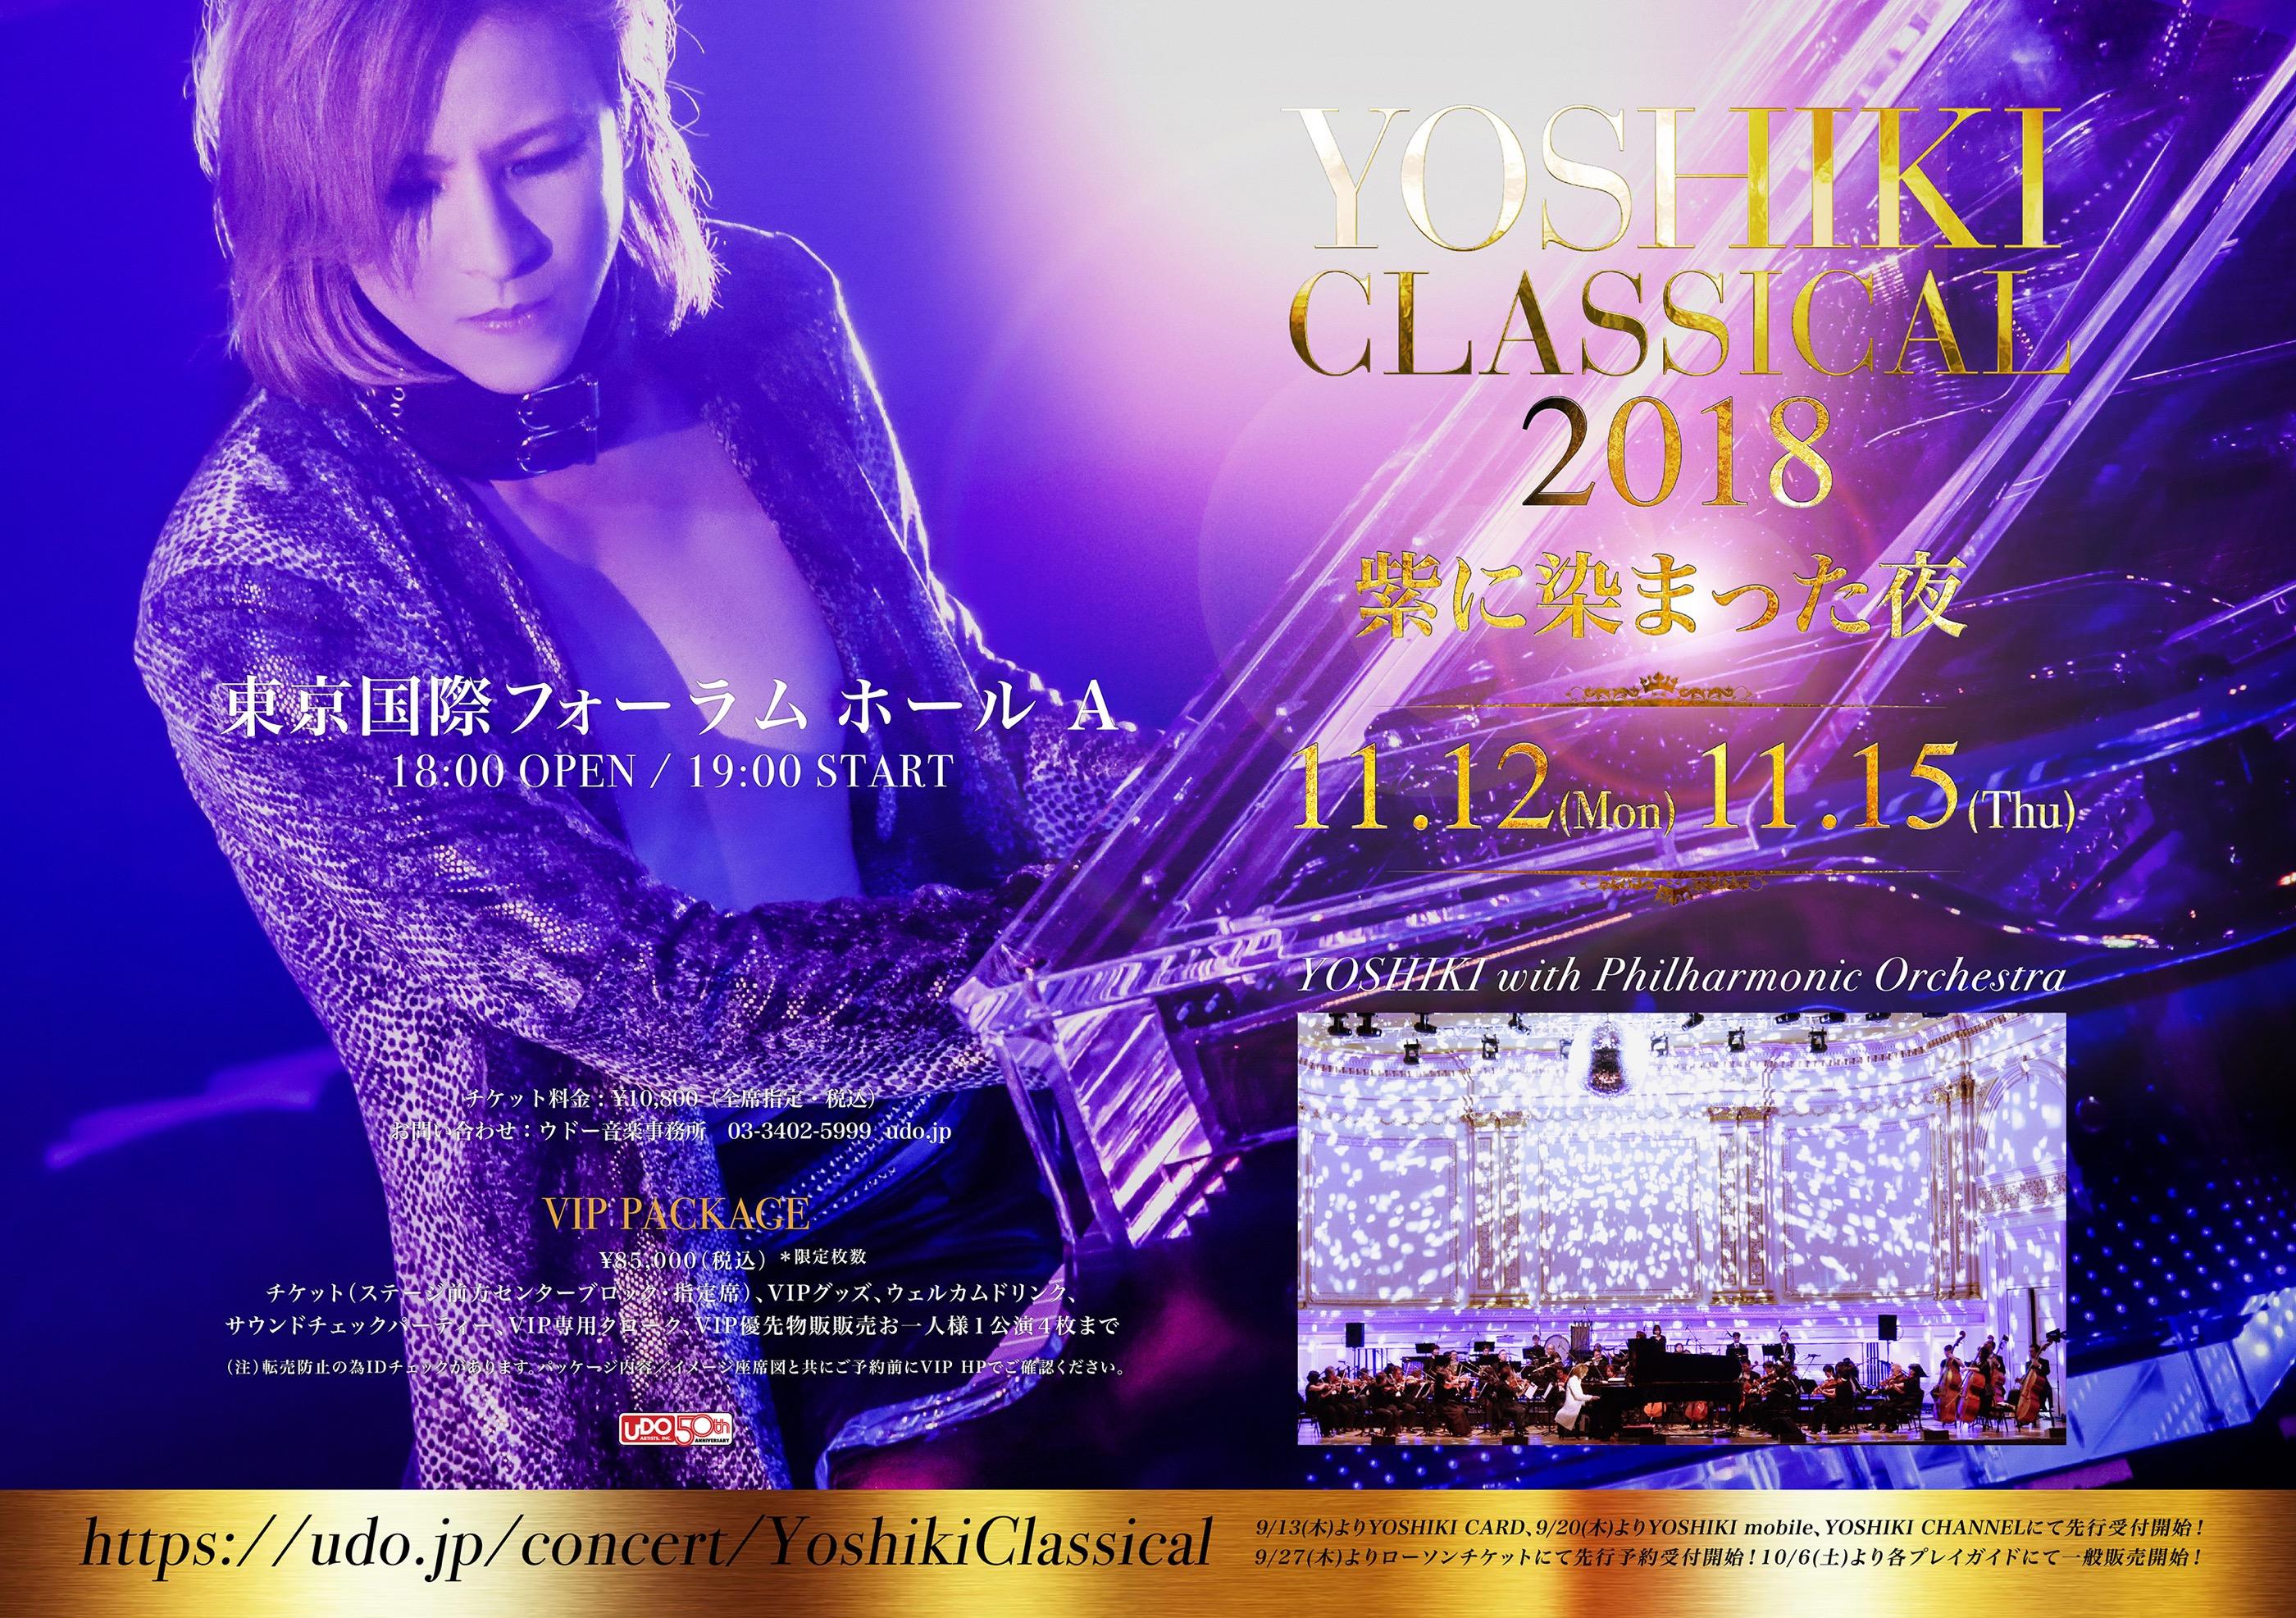 RMMS-Yoshiki-FCCJ-2018-09-13-H-promo